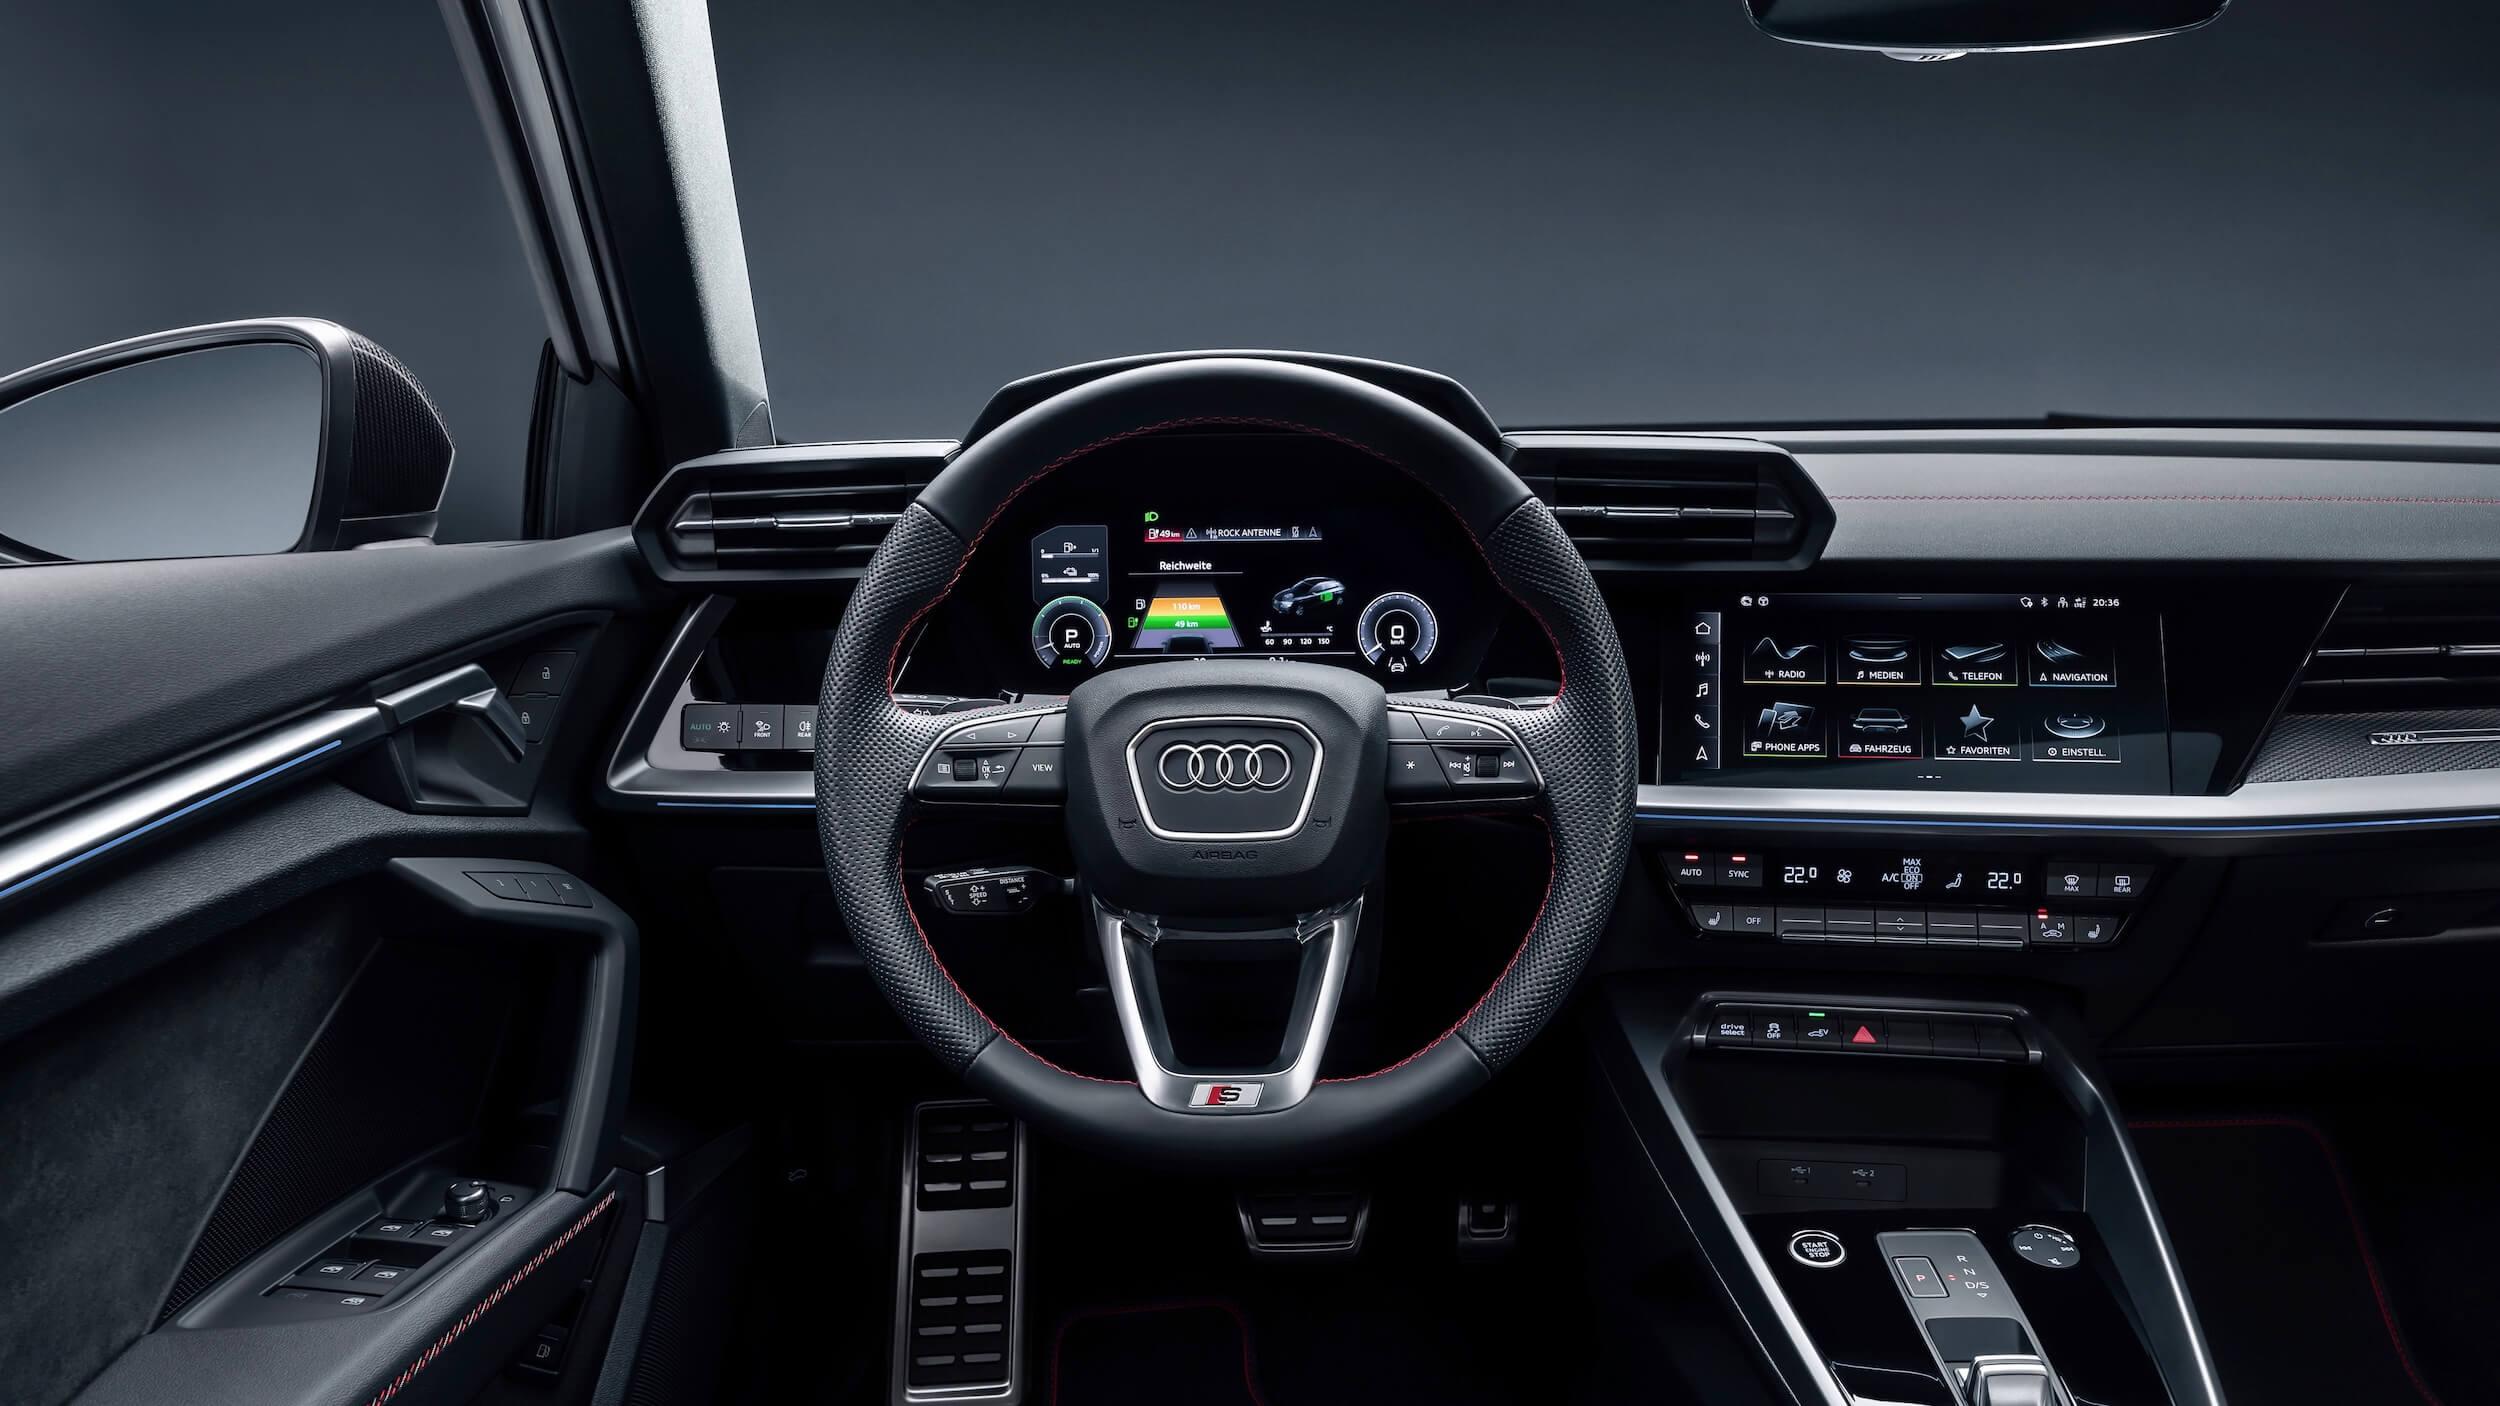 Audi A3 Sportback 45 TFSIe volante